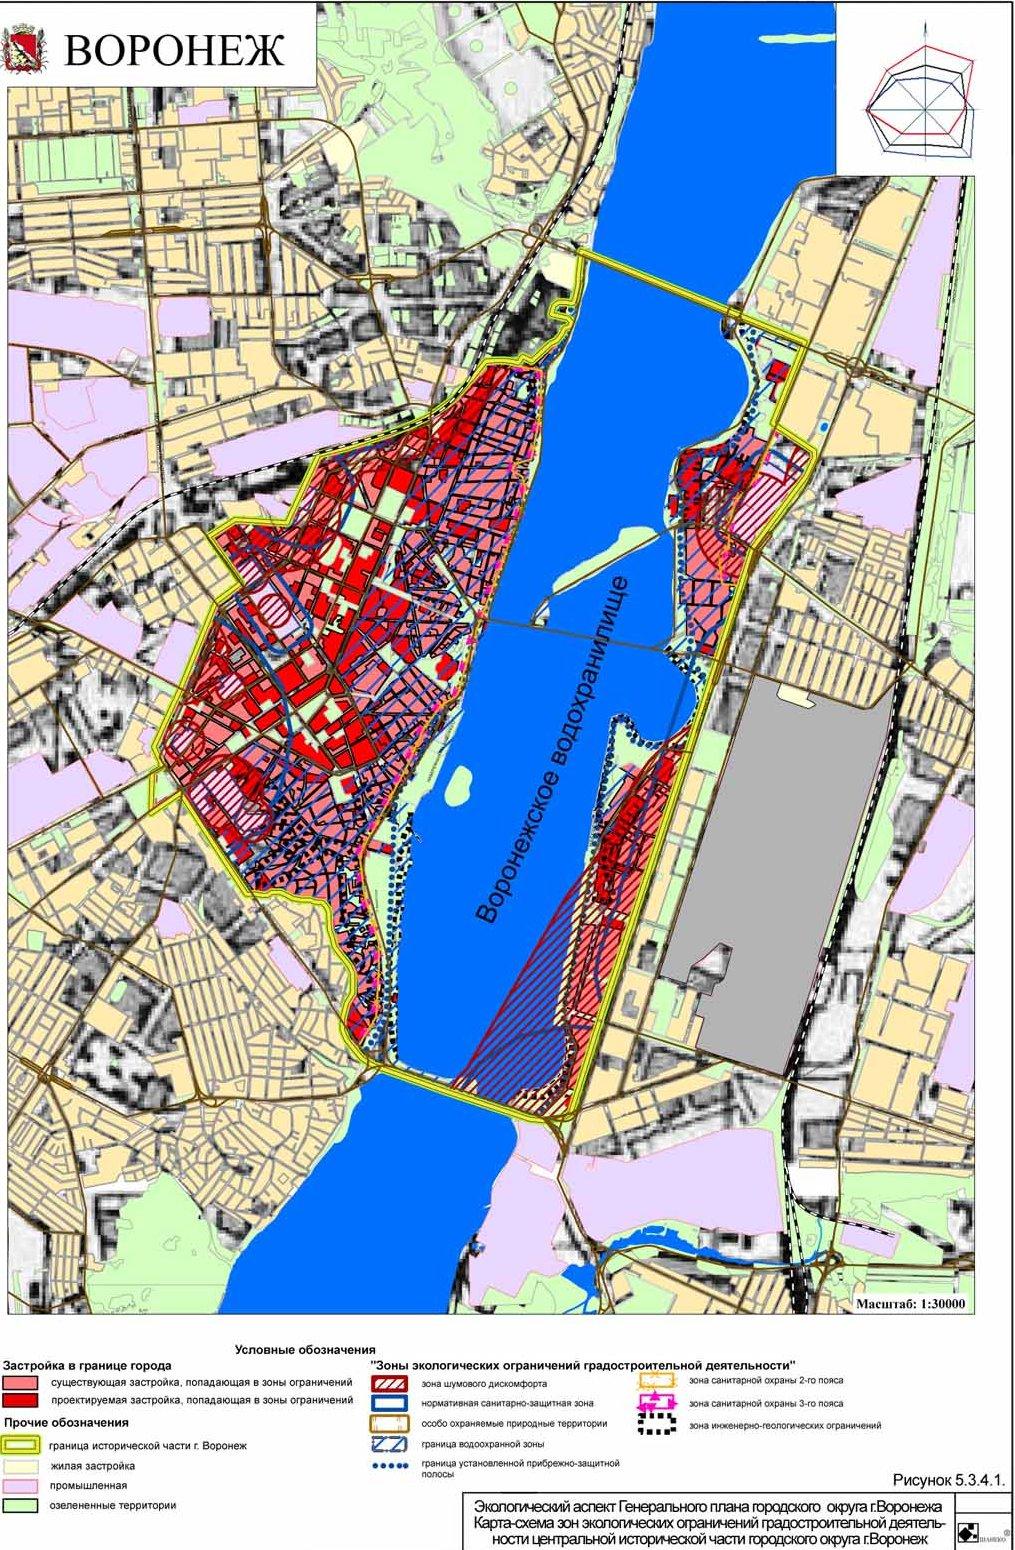 Карта-схема зон экологических ограничений градостроительной деятельности центральной исторической части городского округа г. Воронеж